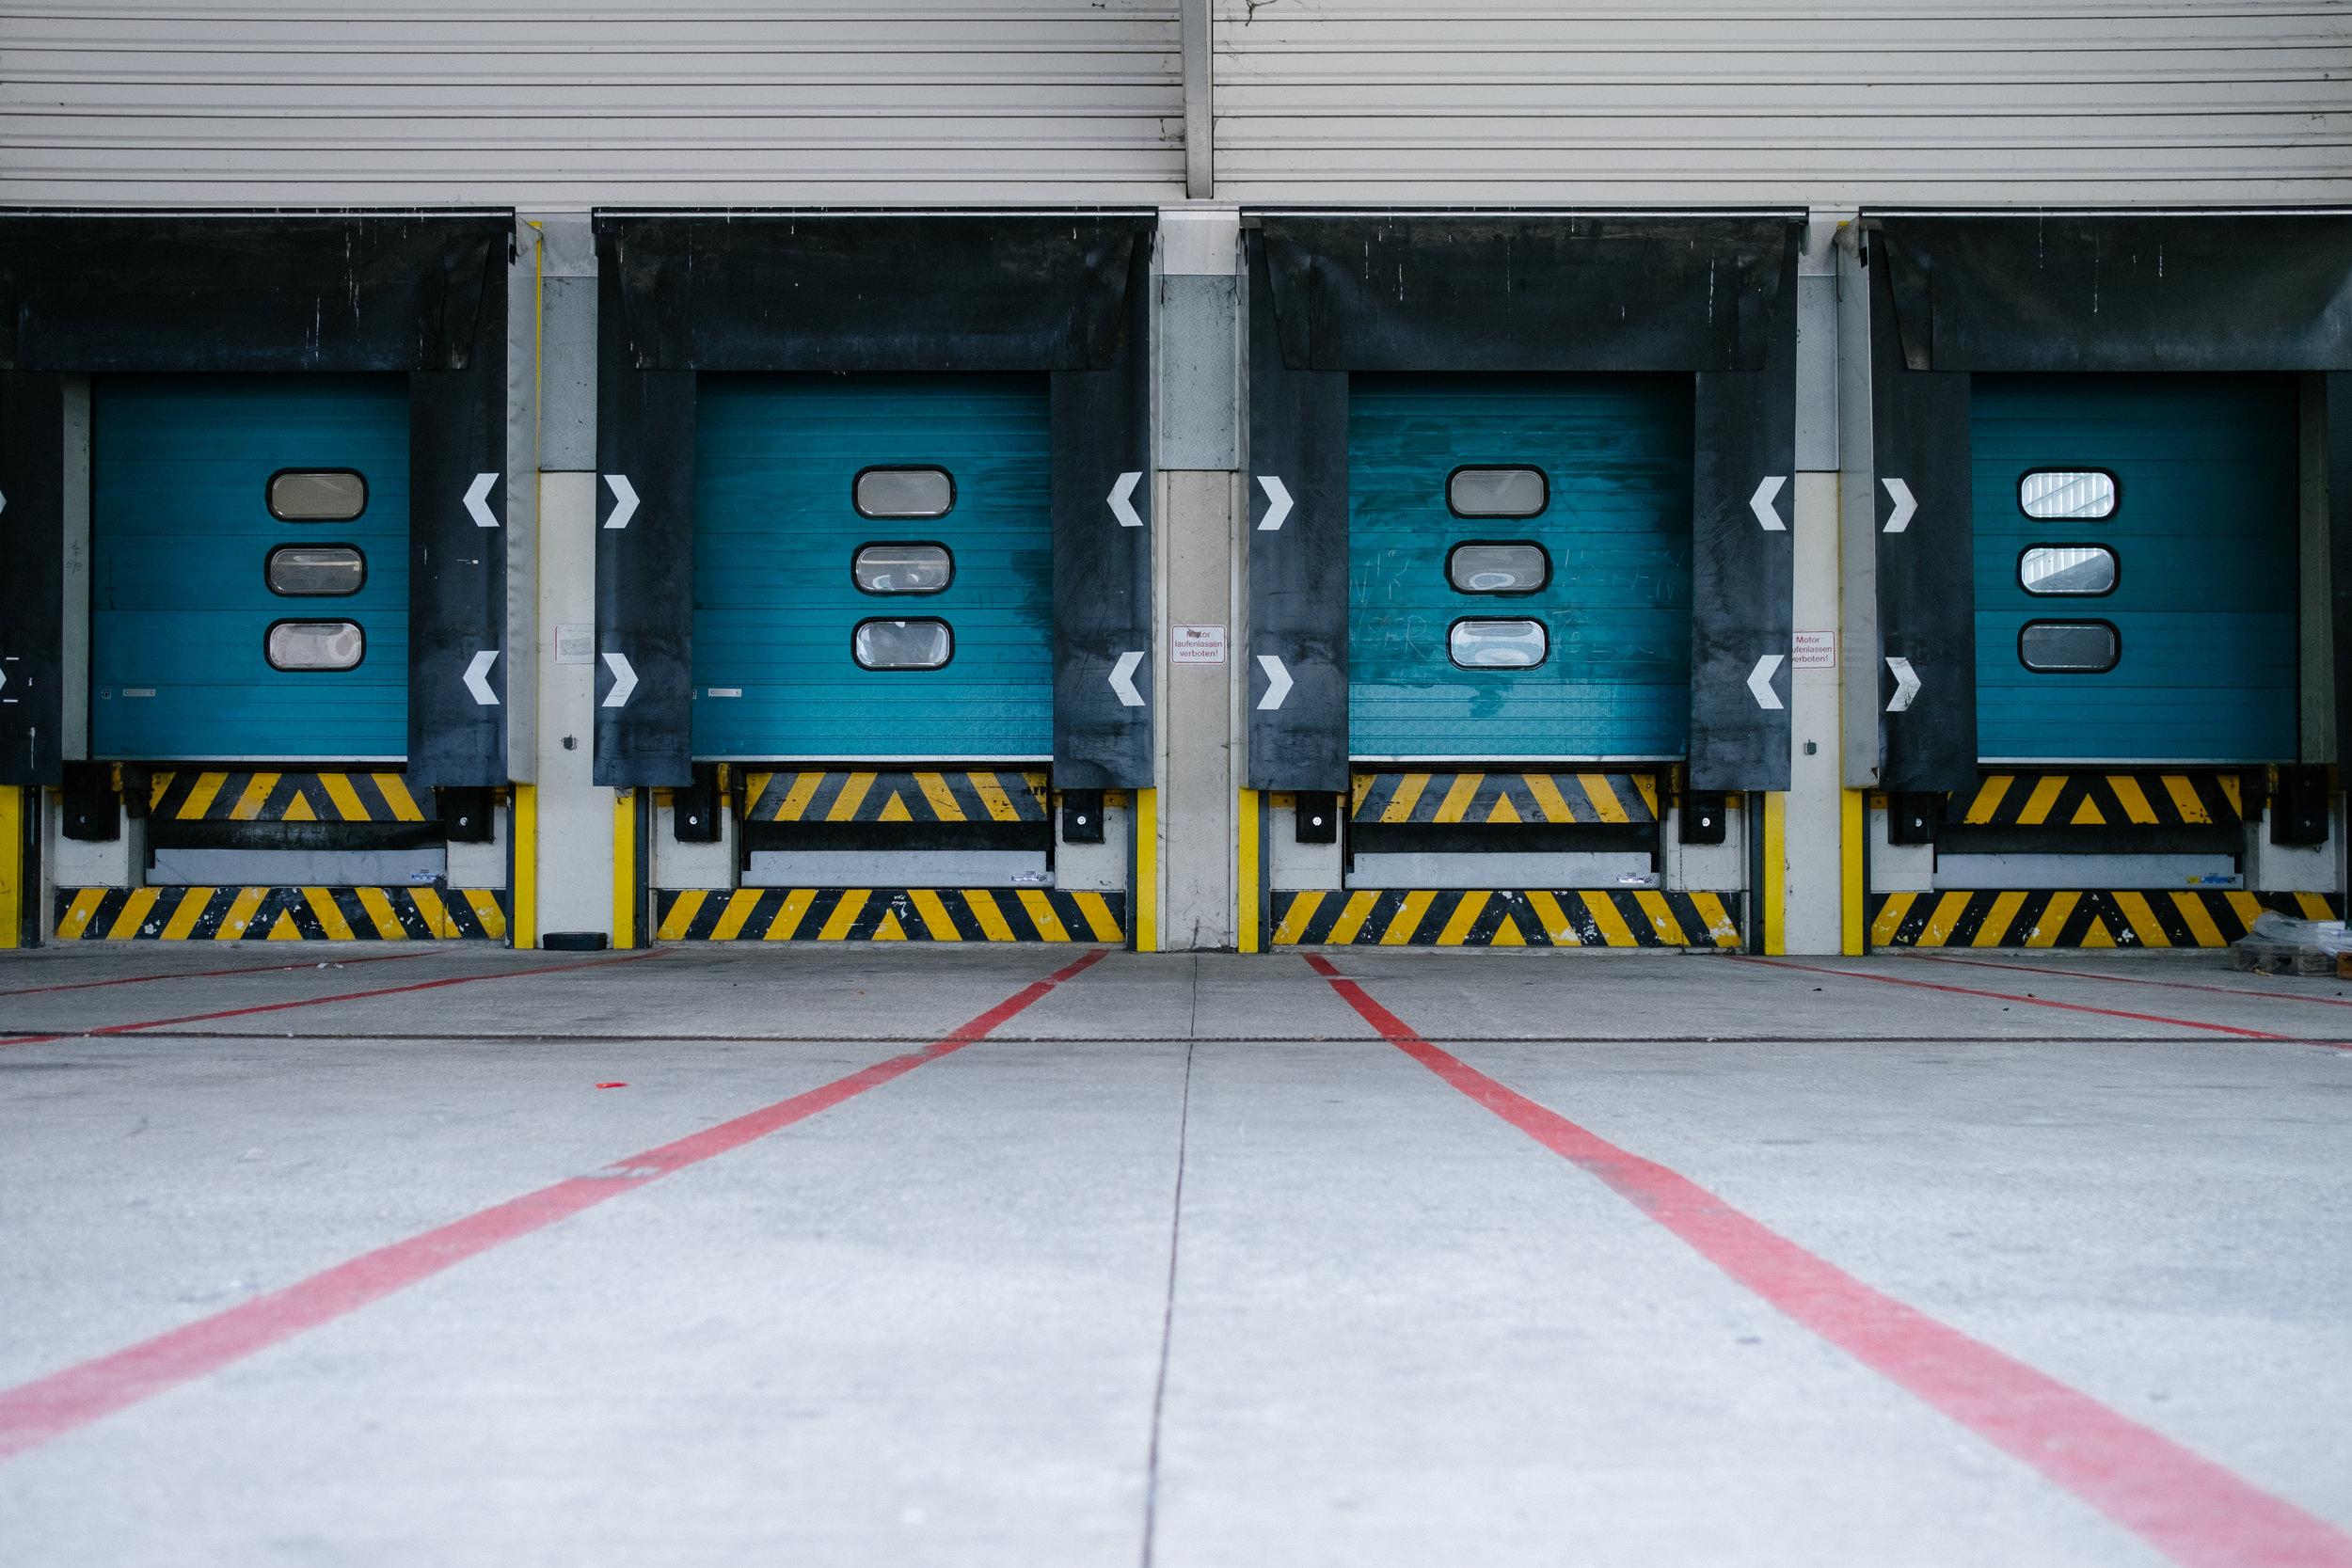 SUB-THEMA's - Cybersecurity & Block chainDuurzame scheepvaart - Future mobilityFuture mobility: autonome en emissie-neutrale mobiliteitOptimalisatie van logistieke processen en magazijninrichtingSmart roboticsWaardetoevoegende dienstverlening